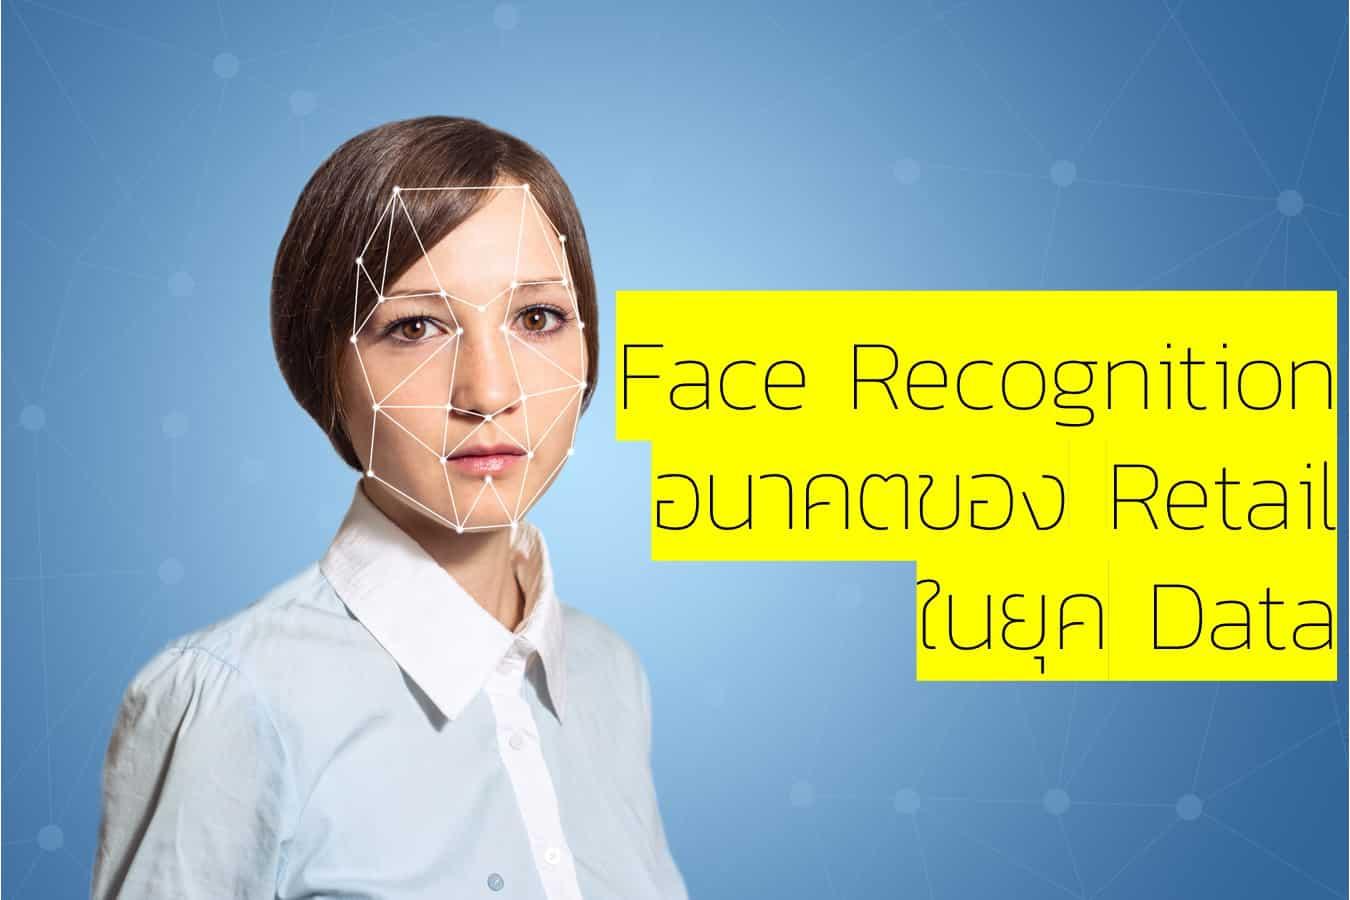 ธุรกิจ Retail จะไม่ Fail เมื่อใช้ Data จาก Facial-recognition